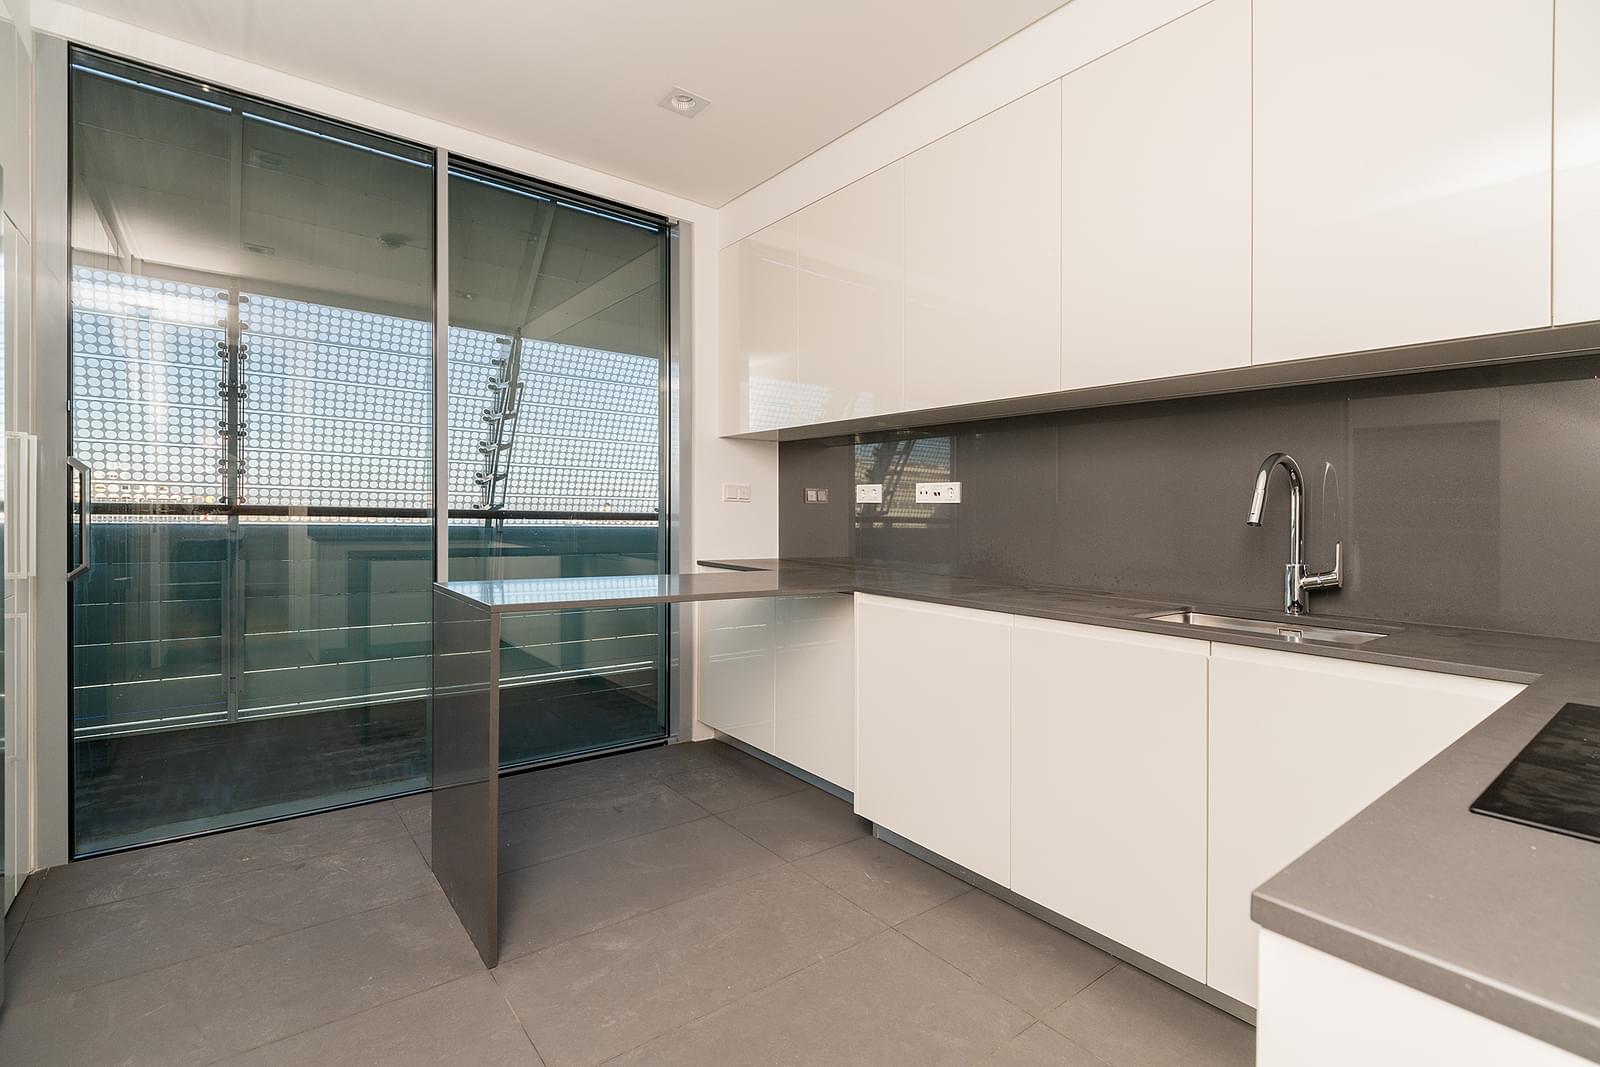 pf18713-apartamento-t3-lisboa-ff55f130-7dde-40c5-8d04-36270fd92b7f